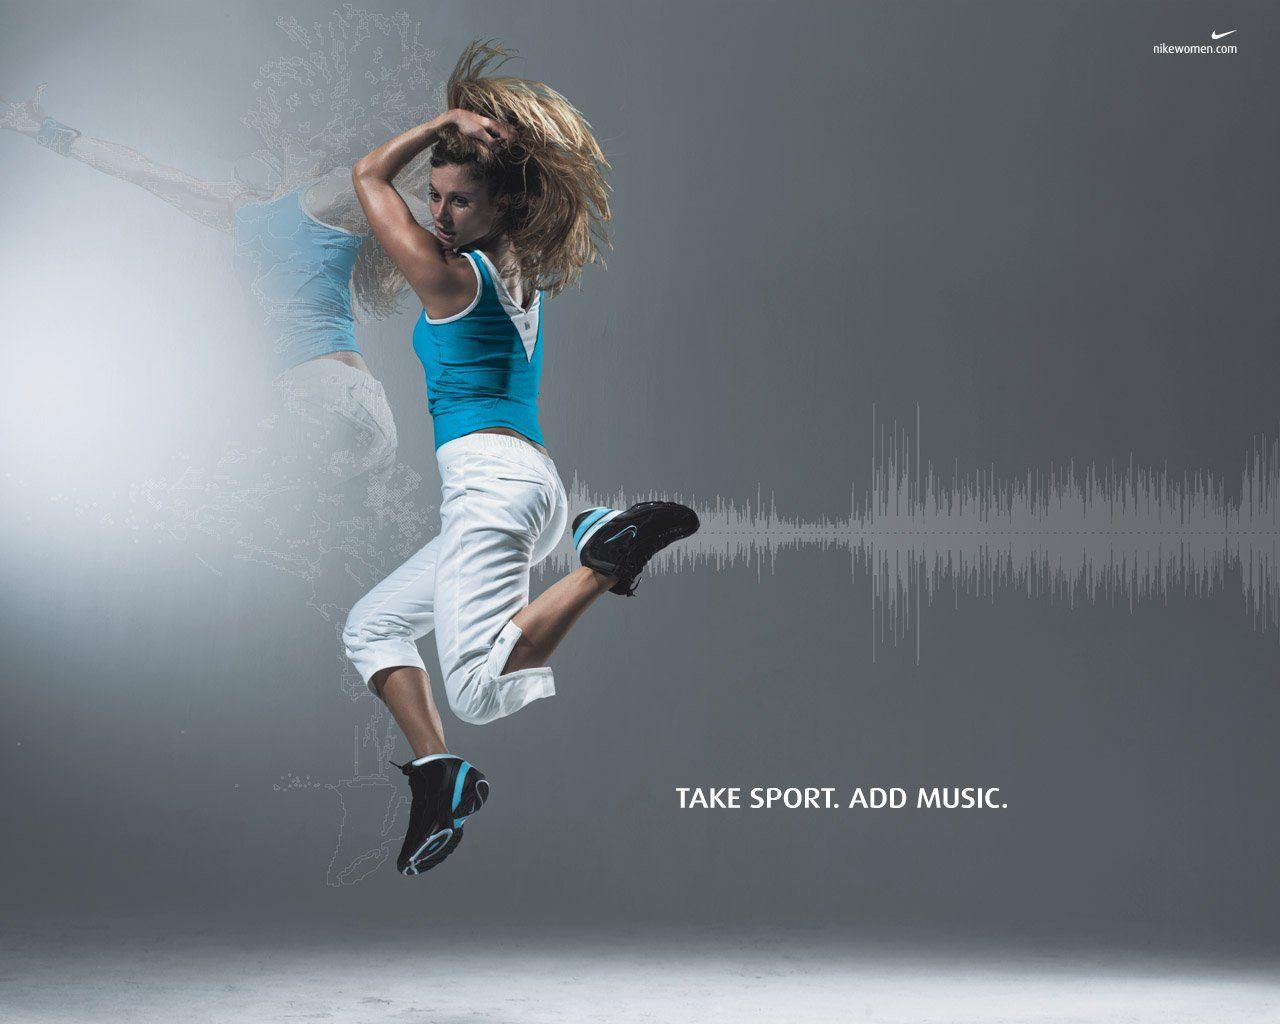 Take Sport Add Music Nike Women Nike Women Nike Shoes Women Add Music